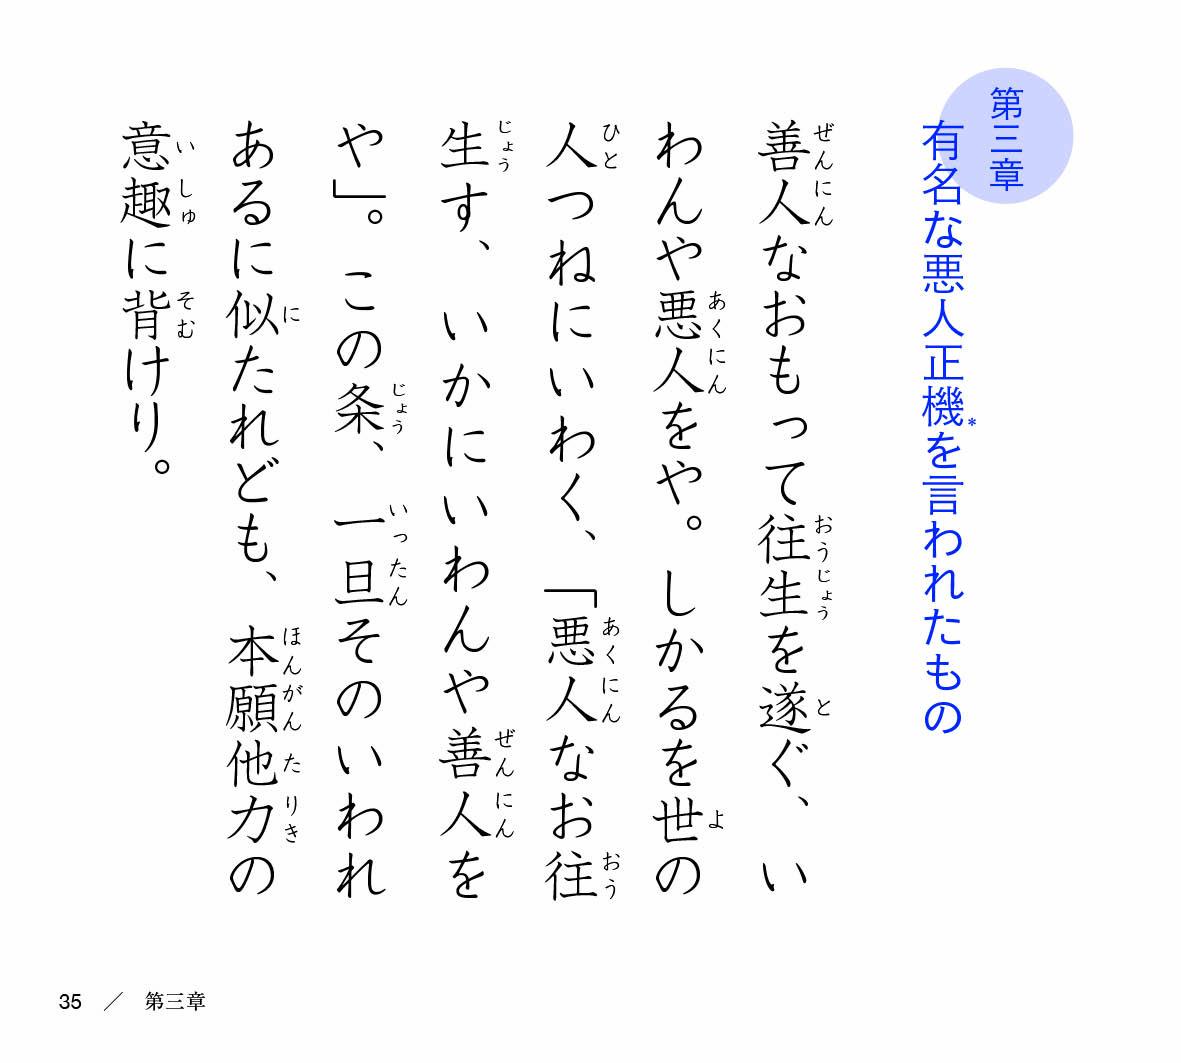 「手書きでなぞる『歎異抄』」を試し読みの画像3